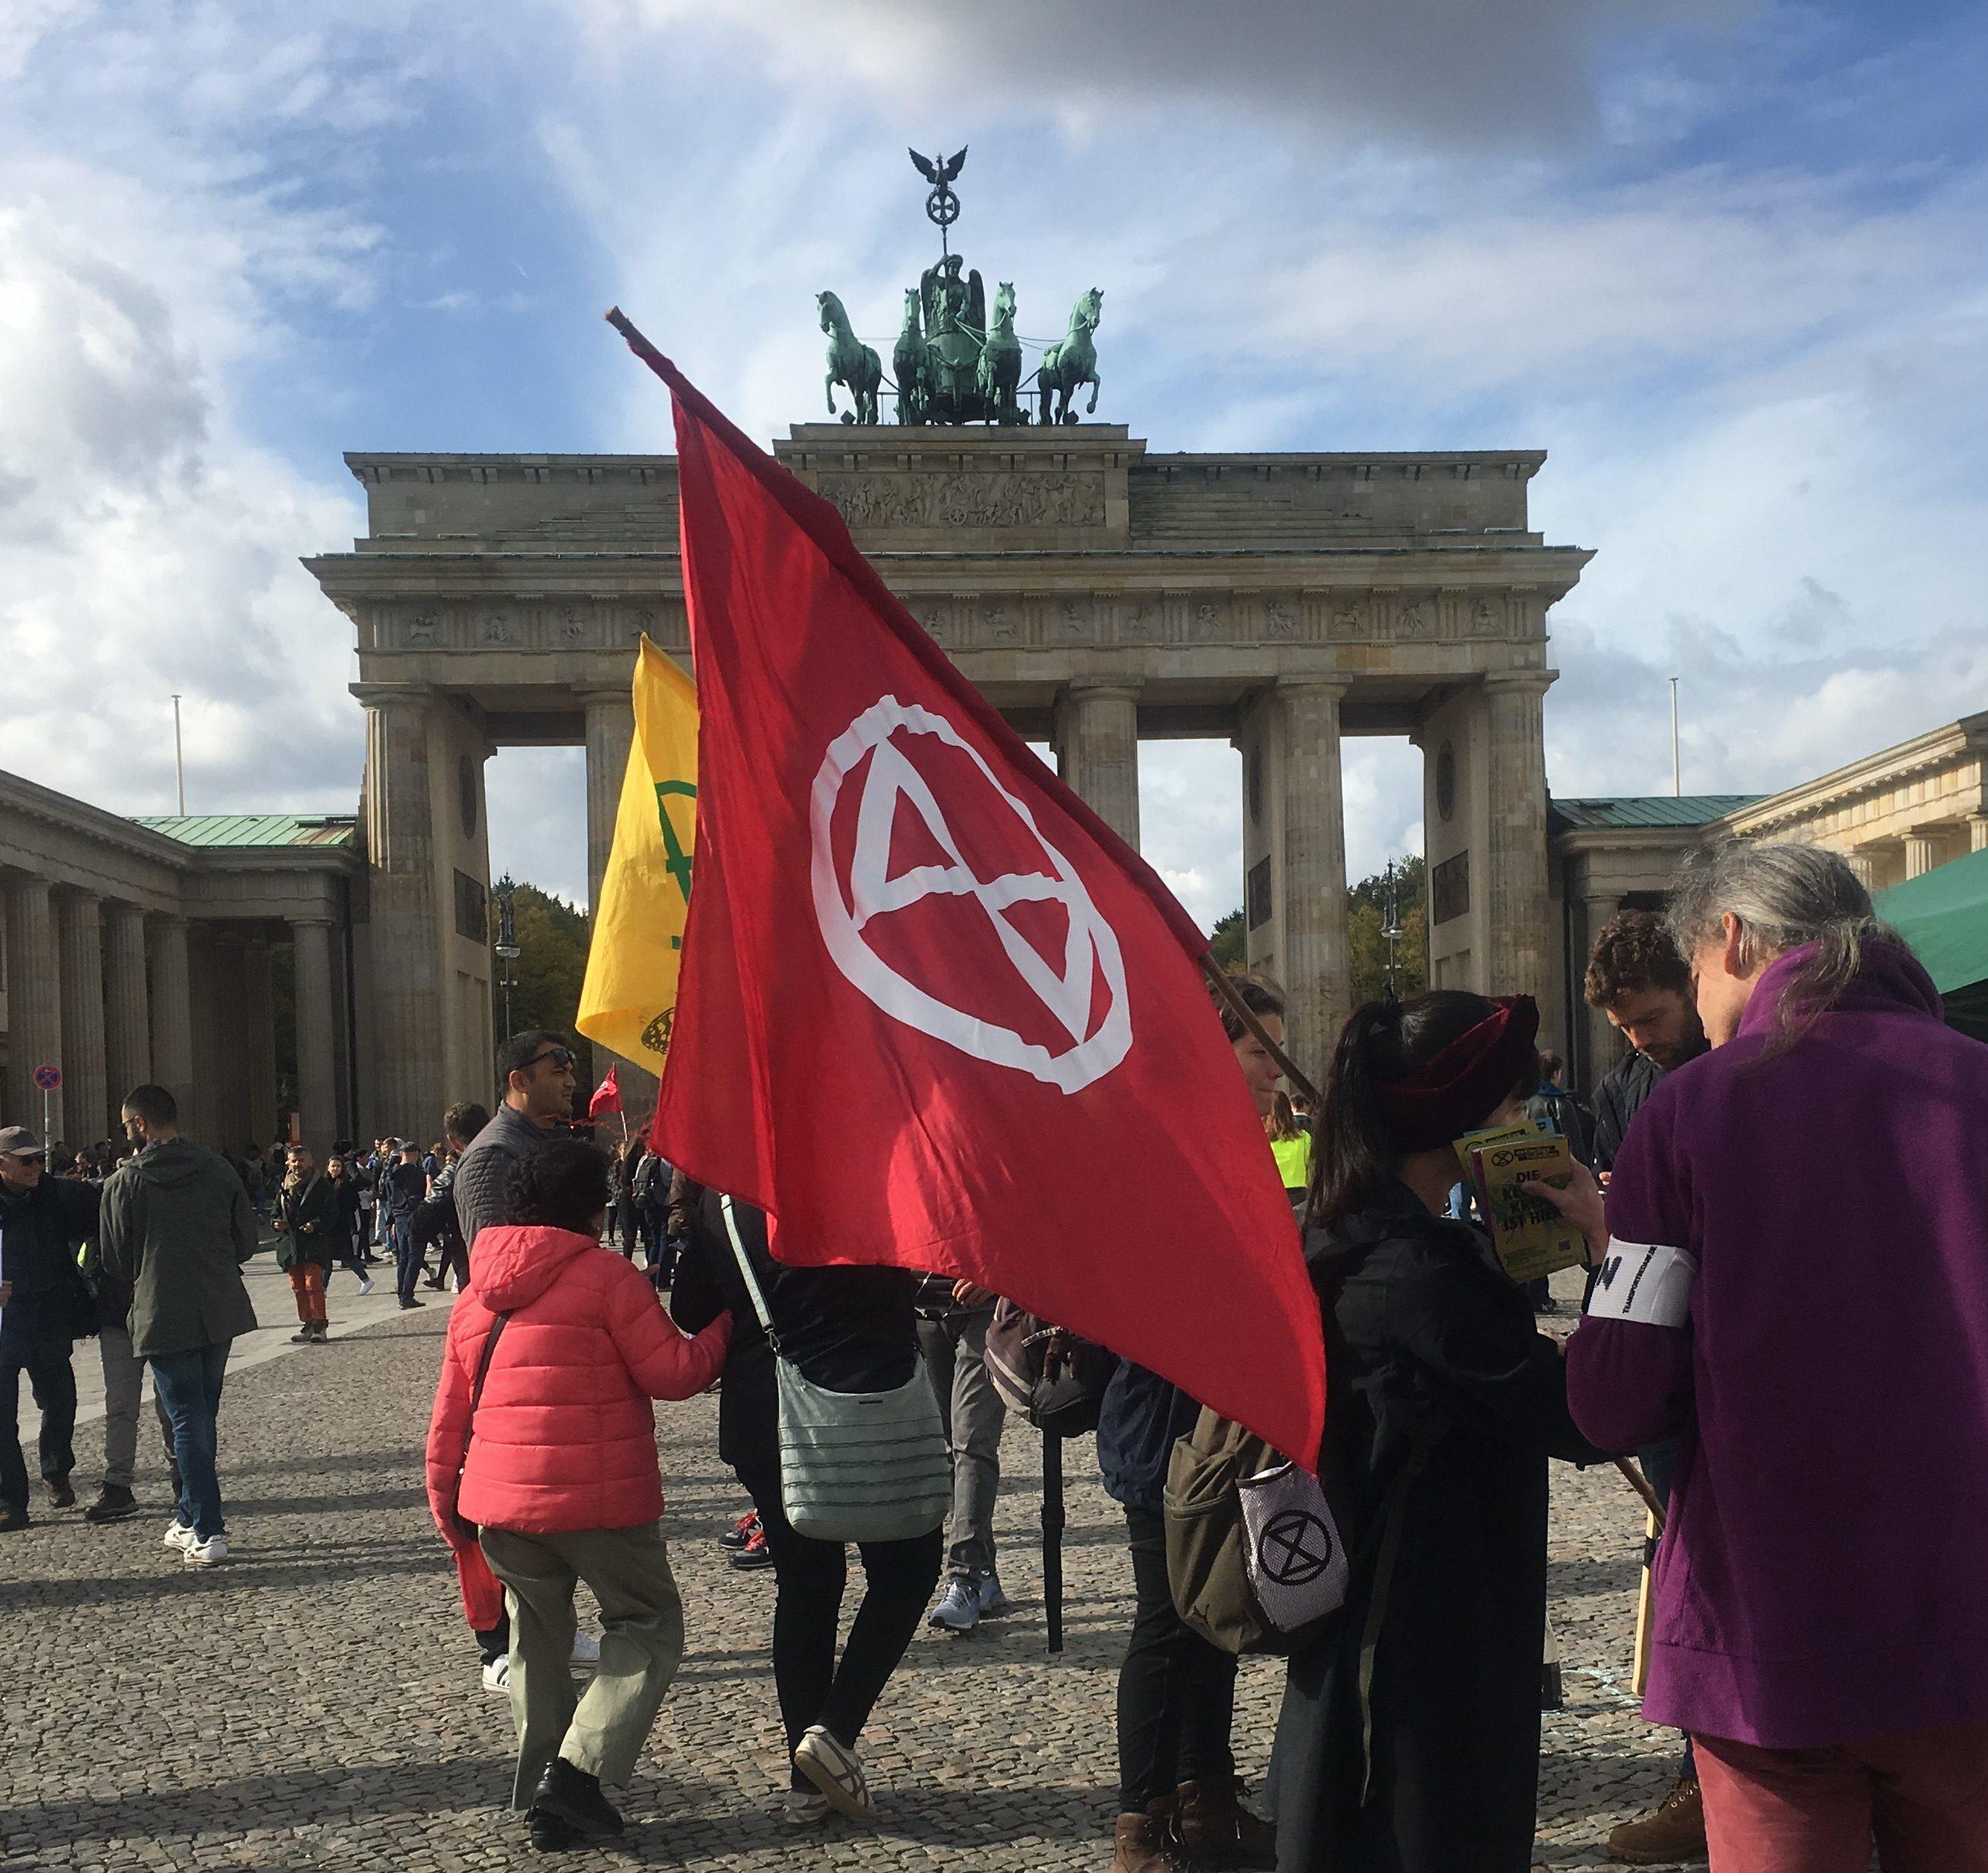 XR info point Brandenburg - good flag